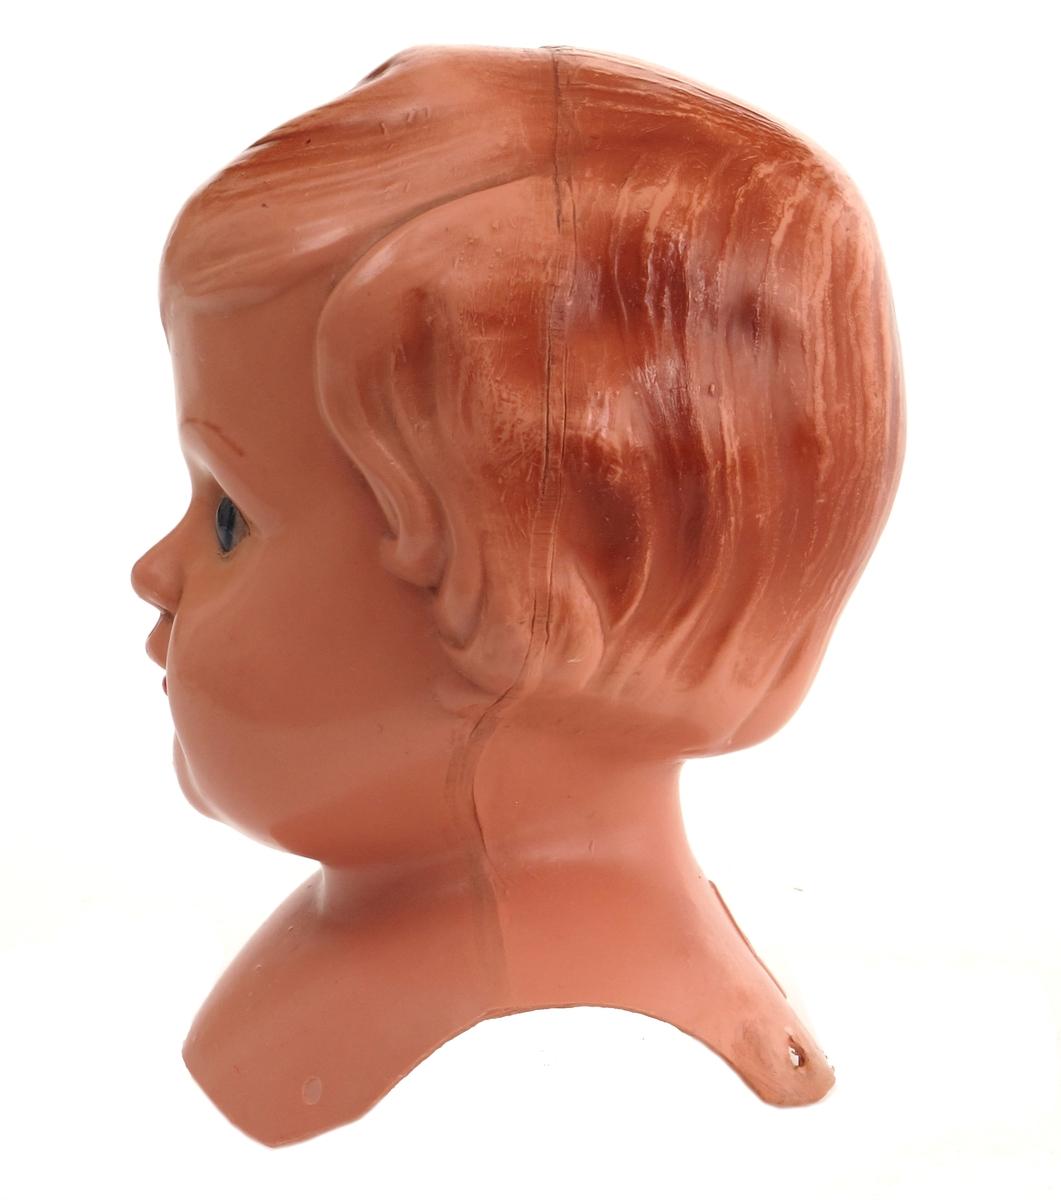 Dukkehode i celluloid. Øyer av innstøpt plast (?). Malte detaljer munn, øyebryn og,hår.  Hull i skulderpartiet for påsying av dukkekropp av tekstilt materiale.